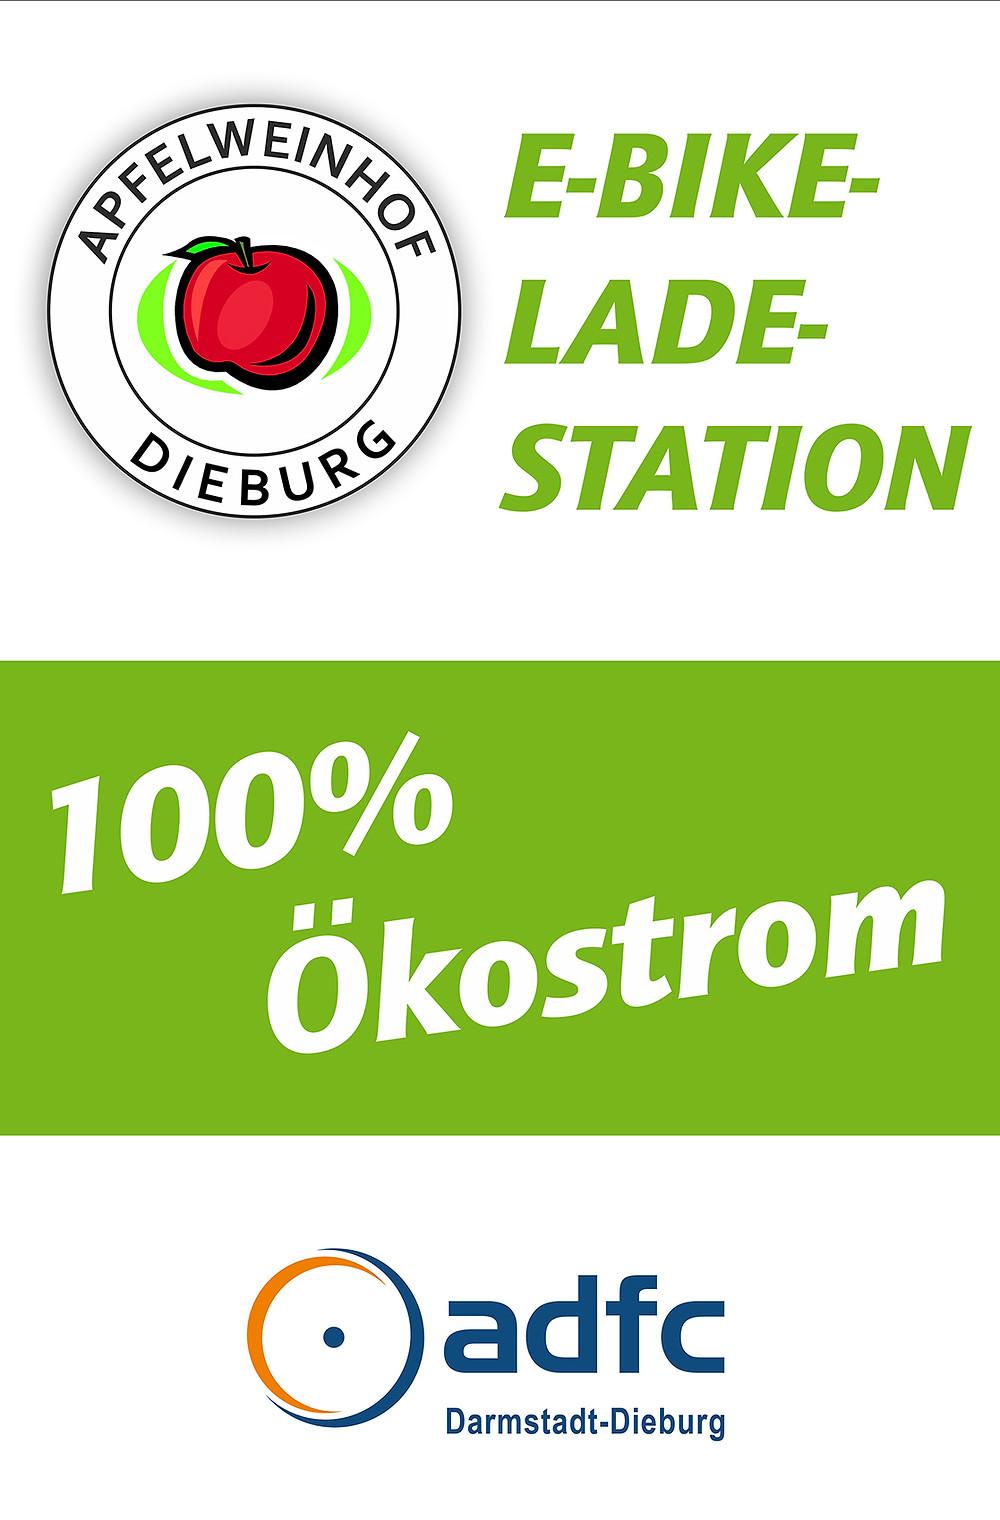 E-Bike-Ladestation_Apfelweinhof_Dieburg_Ökostrom